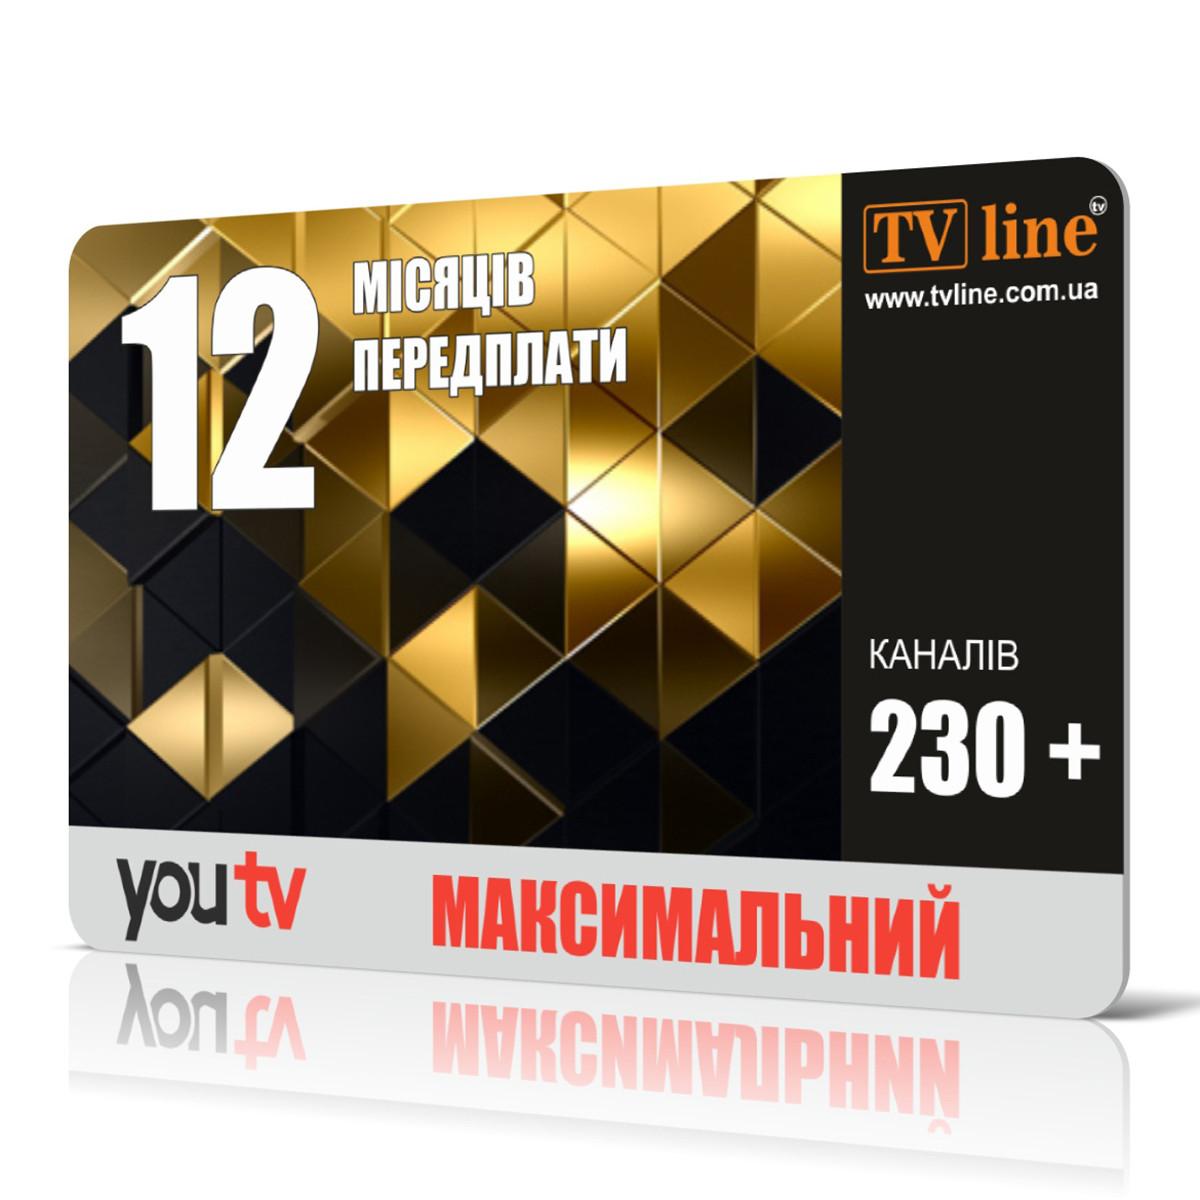 Карта оплаты - YOU TV (Максимальный) 12 месяцев